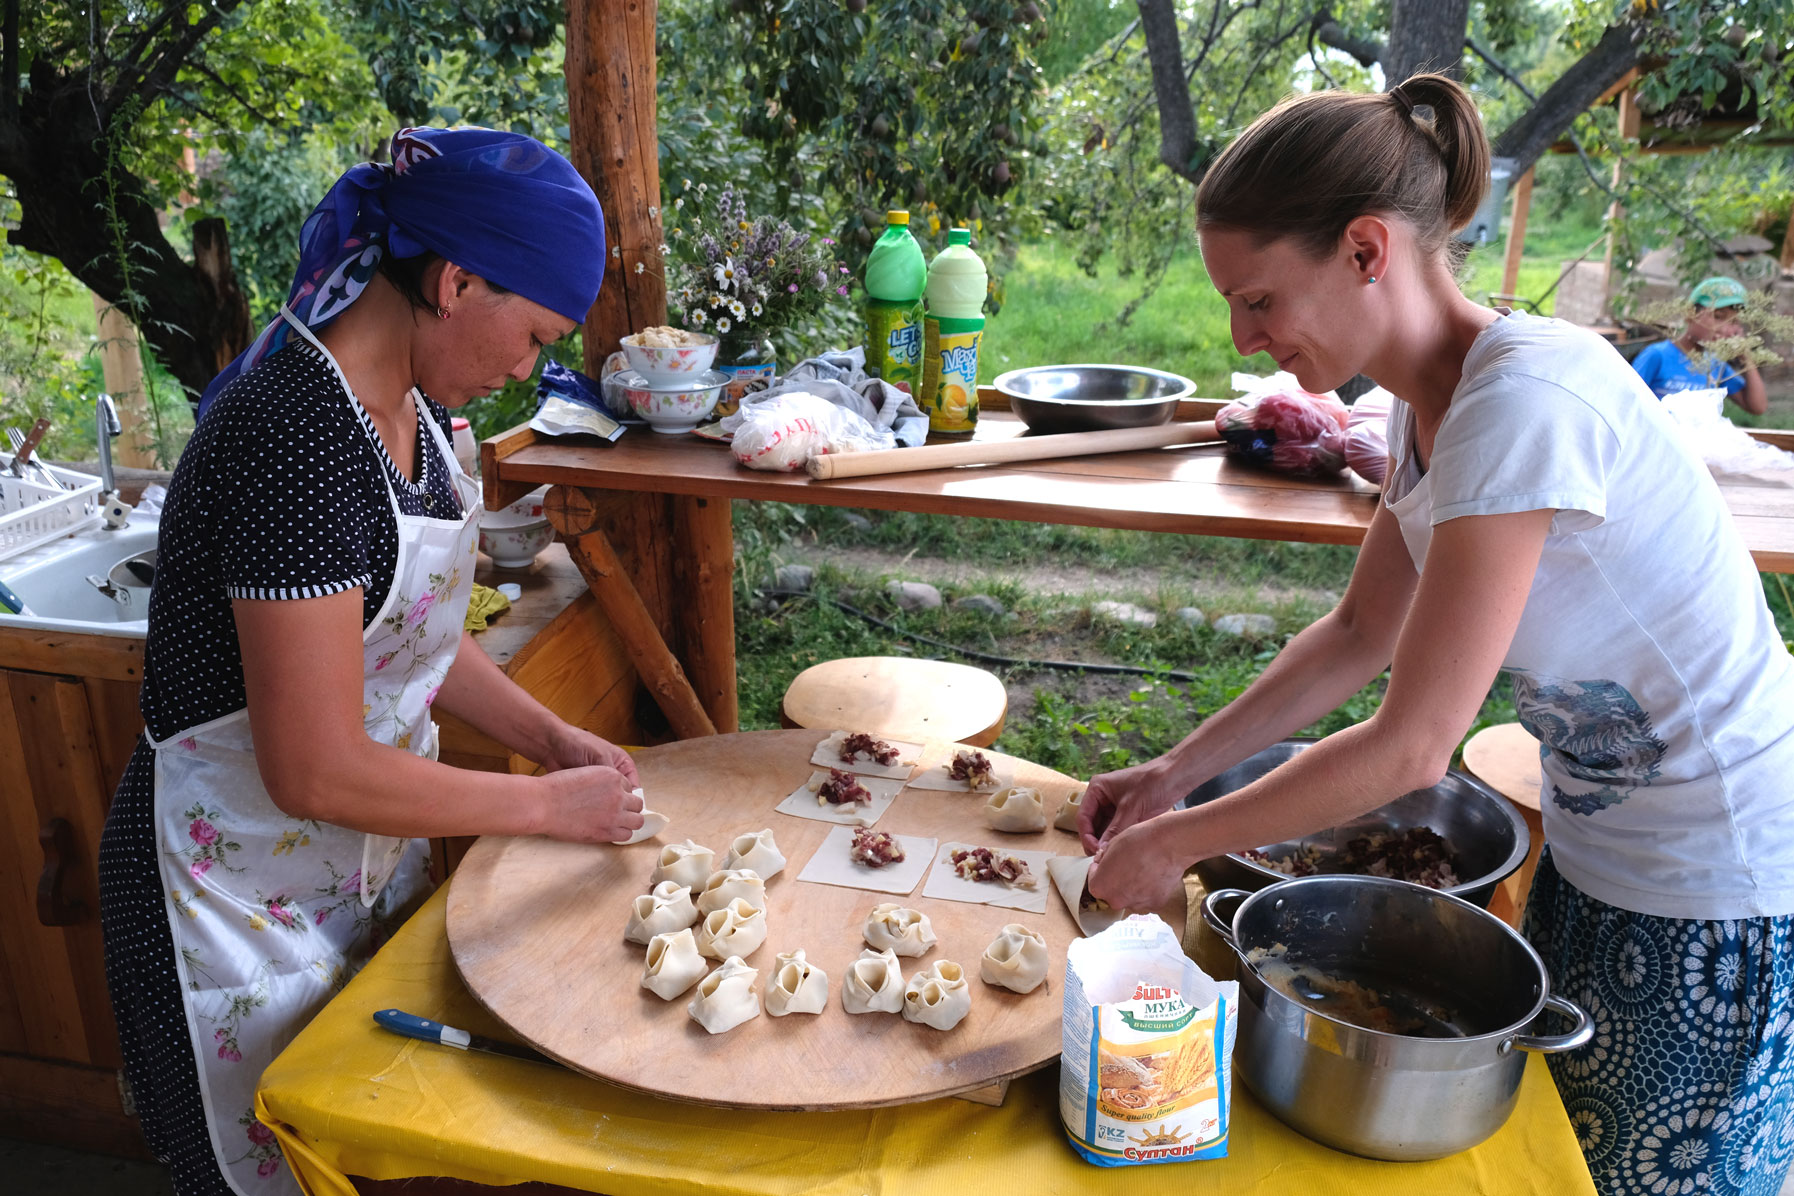 Auf dem ausgerollten und kleingeschnittenen Teig wird die Füllung mit einem Löffel verteilt. Anschließend werden die Teigstückchen kunstvoll geschlossen.